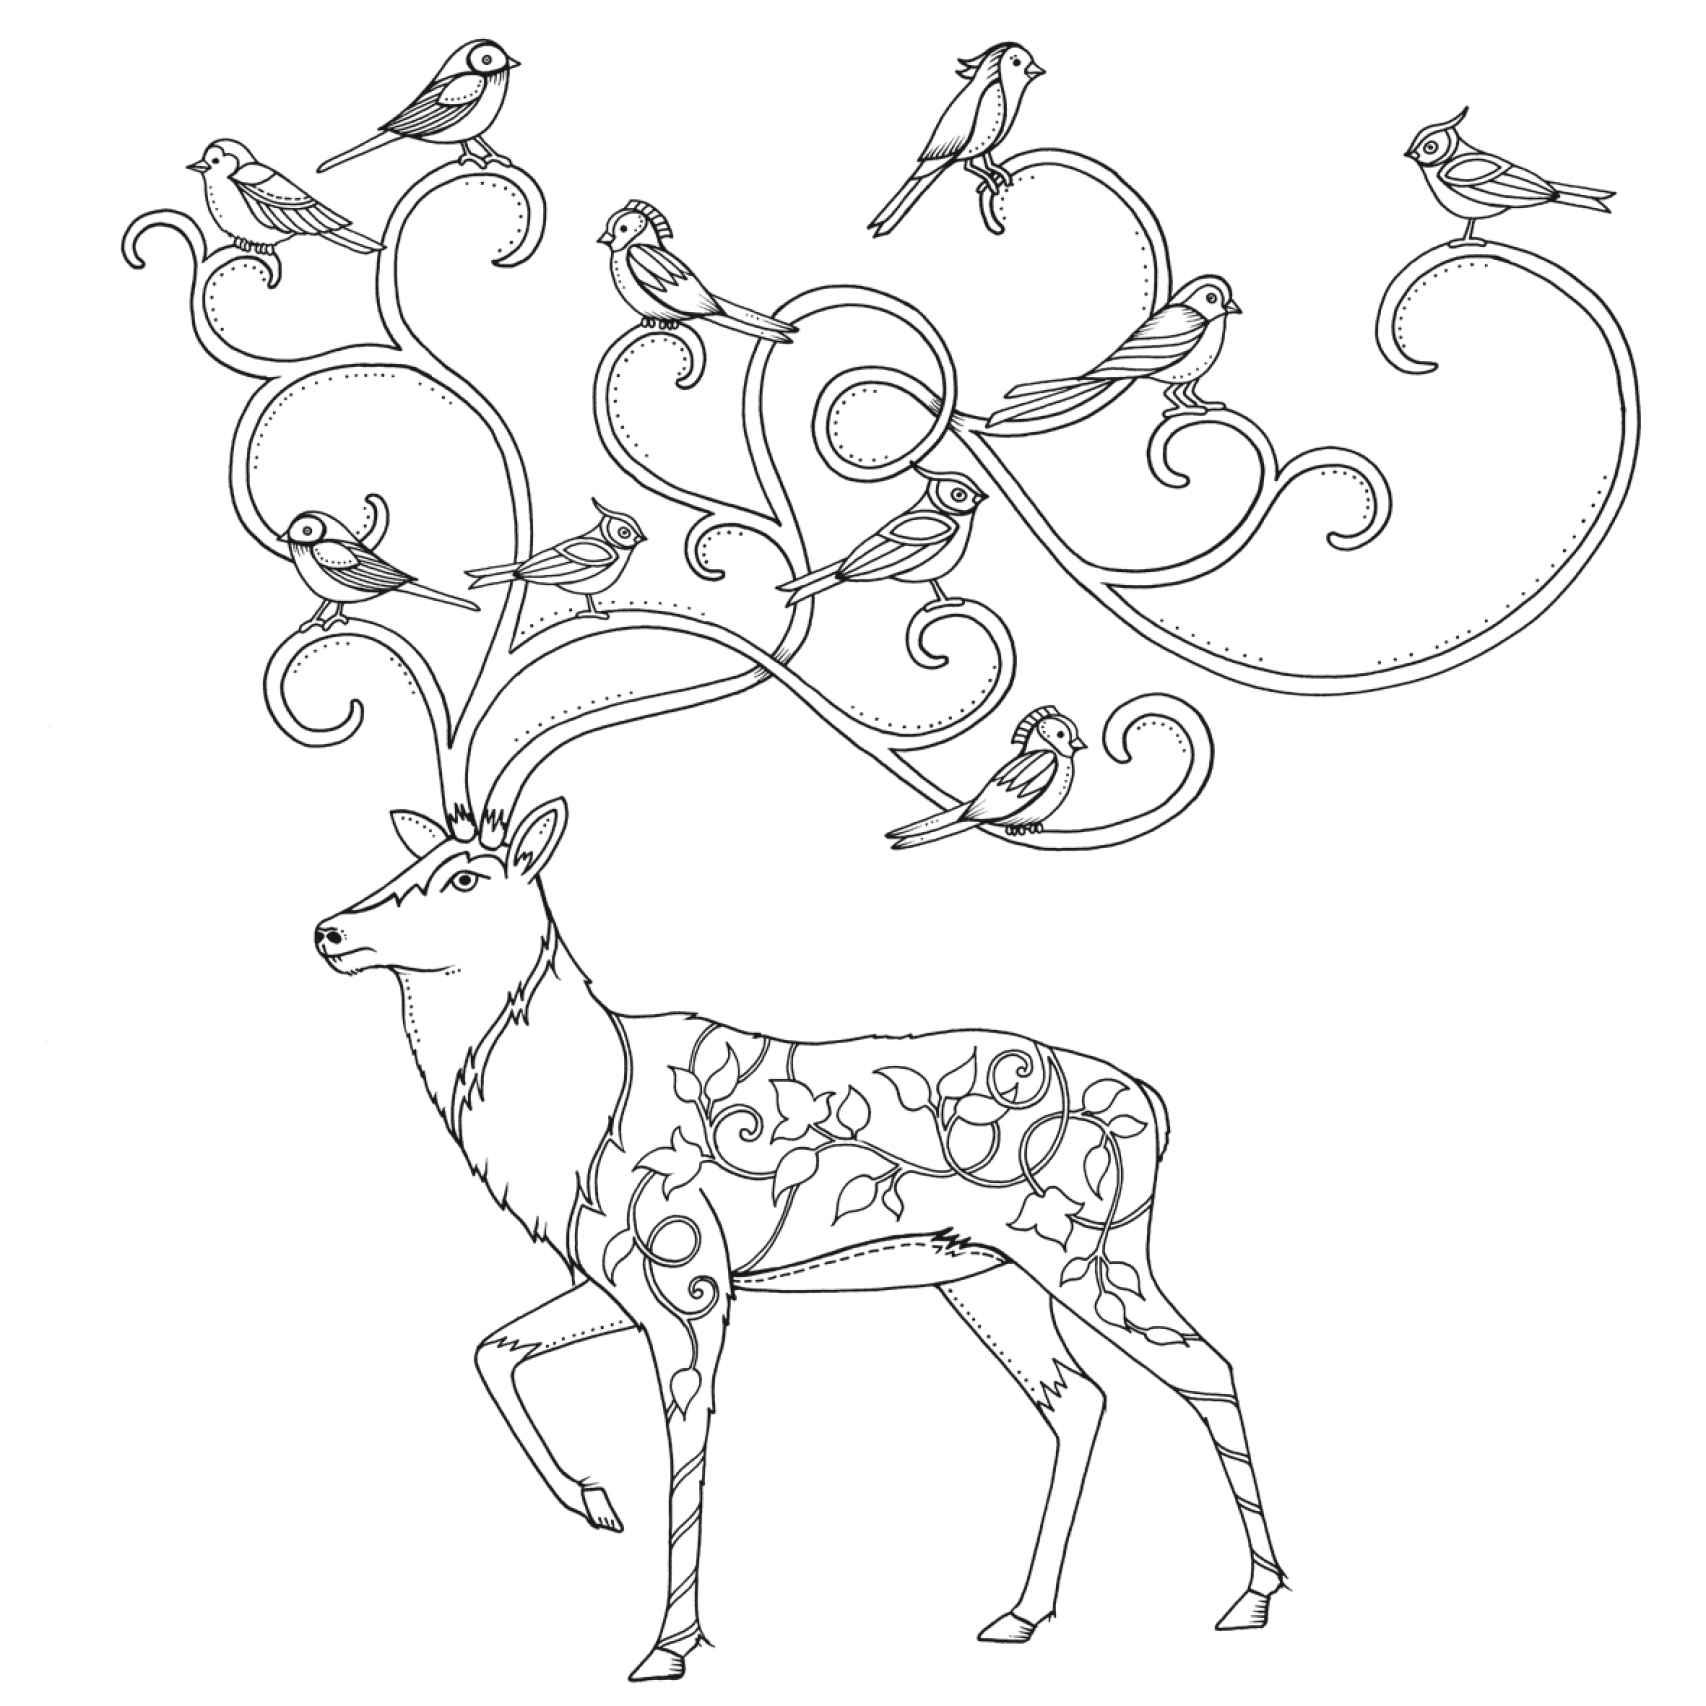 Ilustración para colorear de El bosque encantado.